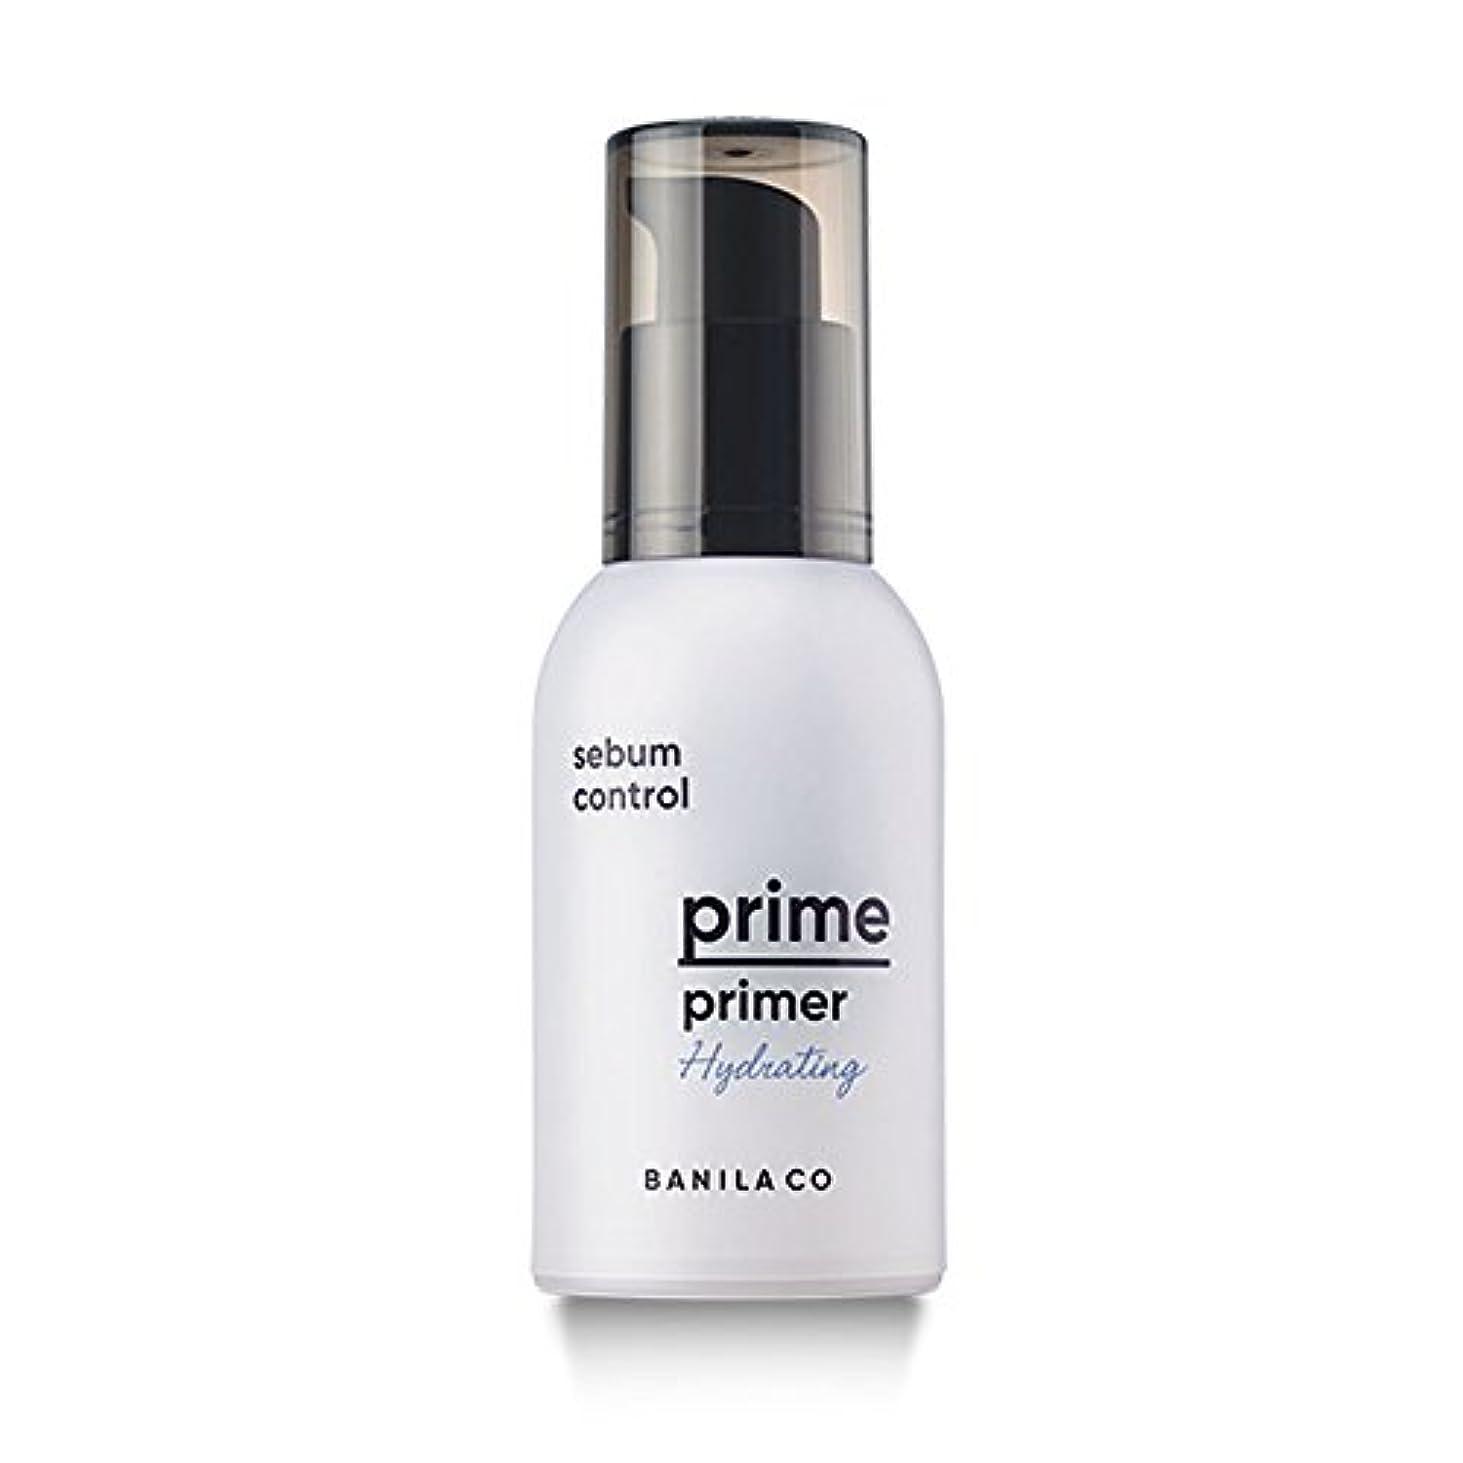 BANILA CO(バニラコ) プライム プライマー ハイドレーティング Prime Primer Hydrating 30ml